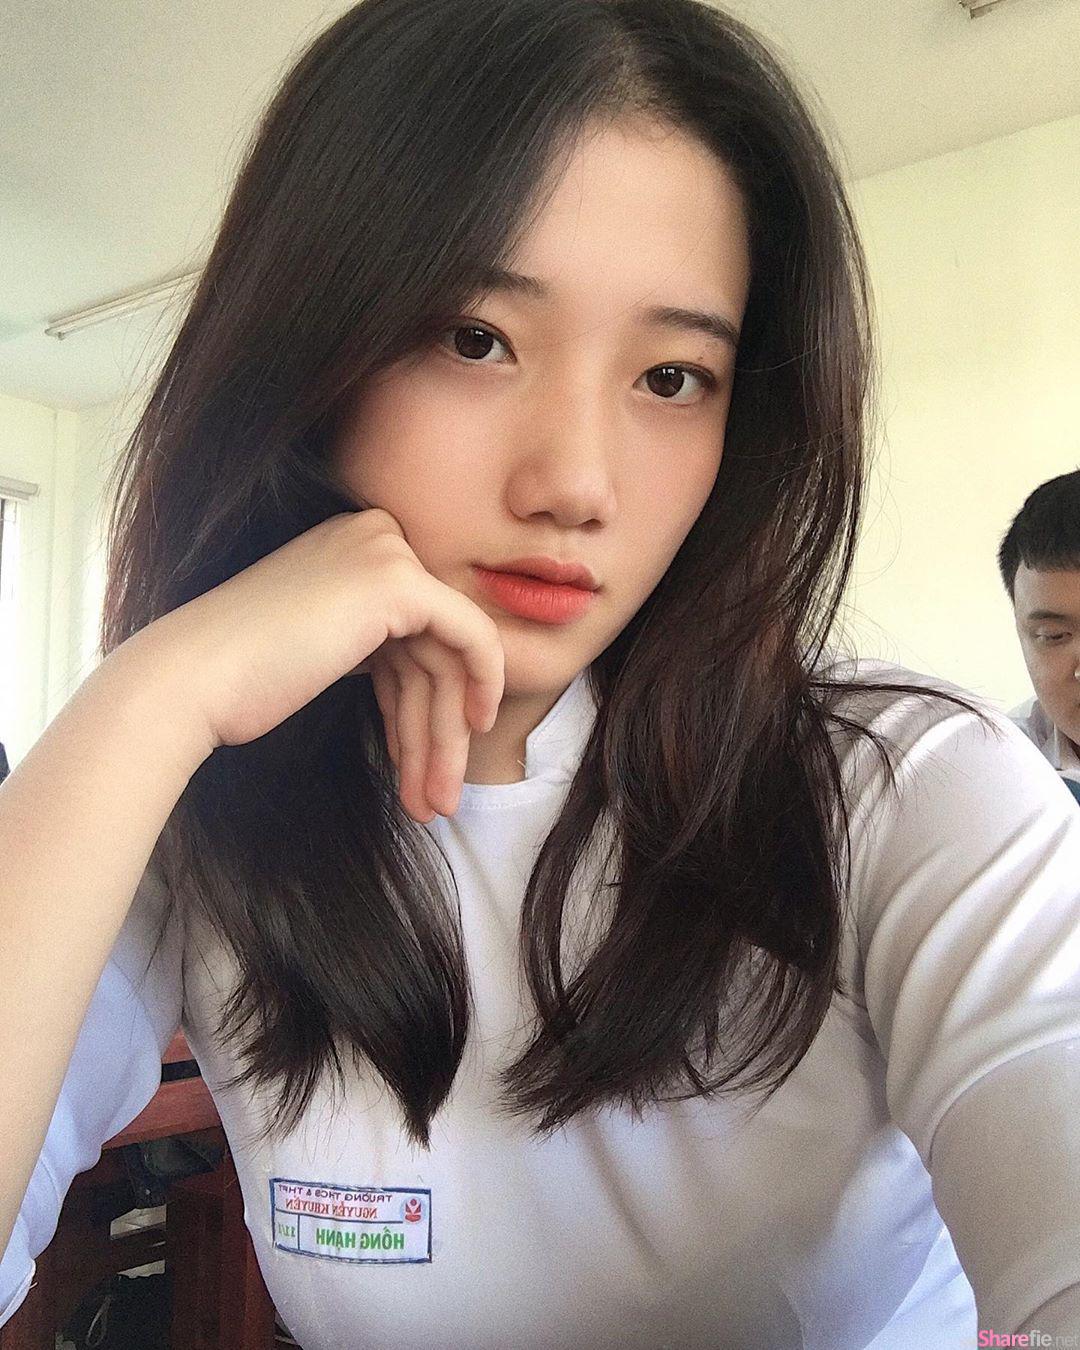 越南学生正妹上课随便自拍,甜美气质引网友暴动